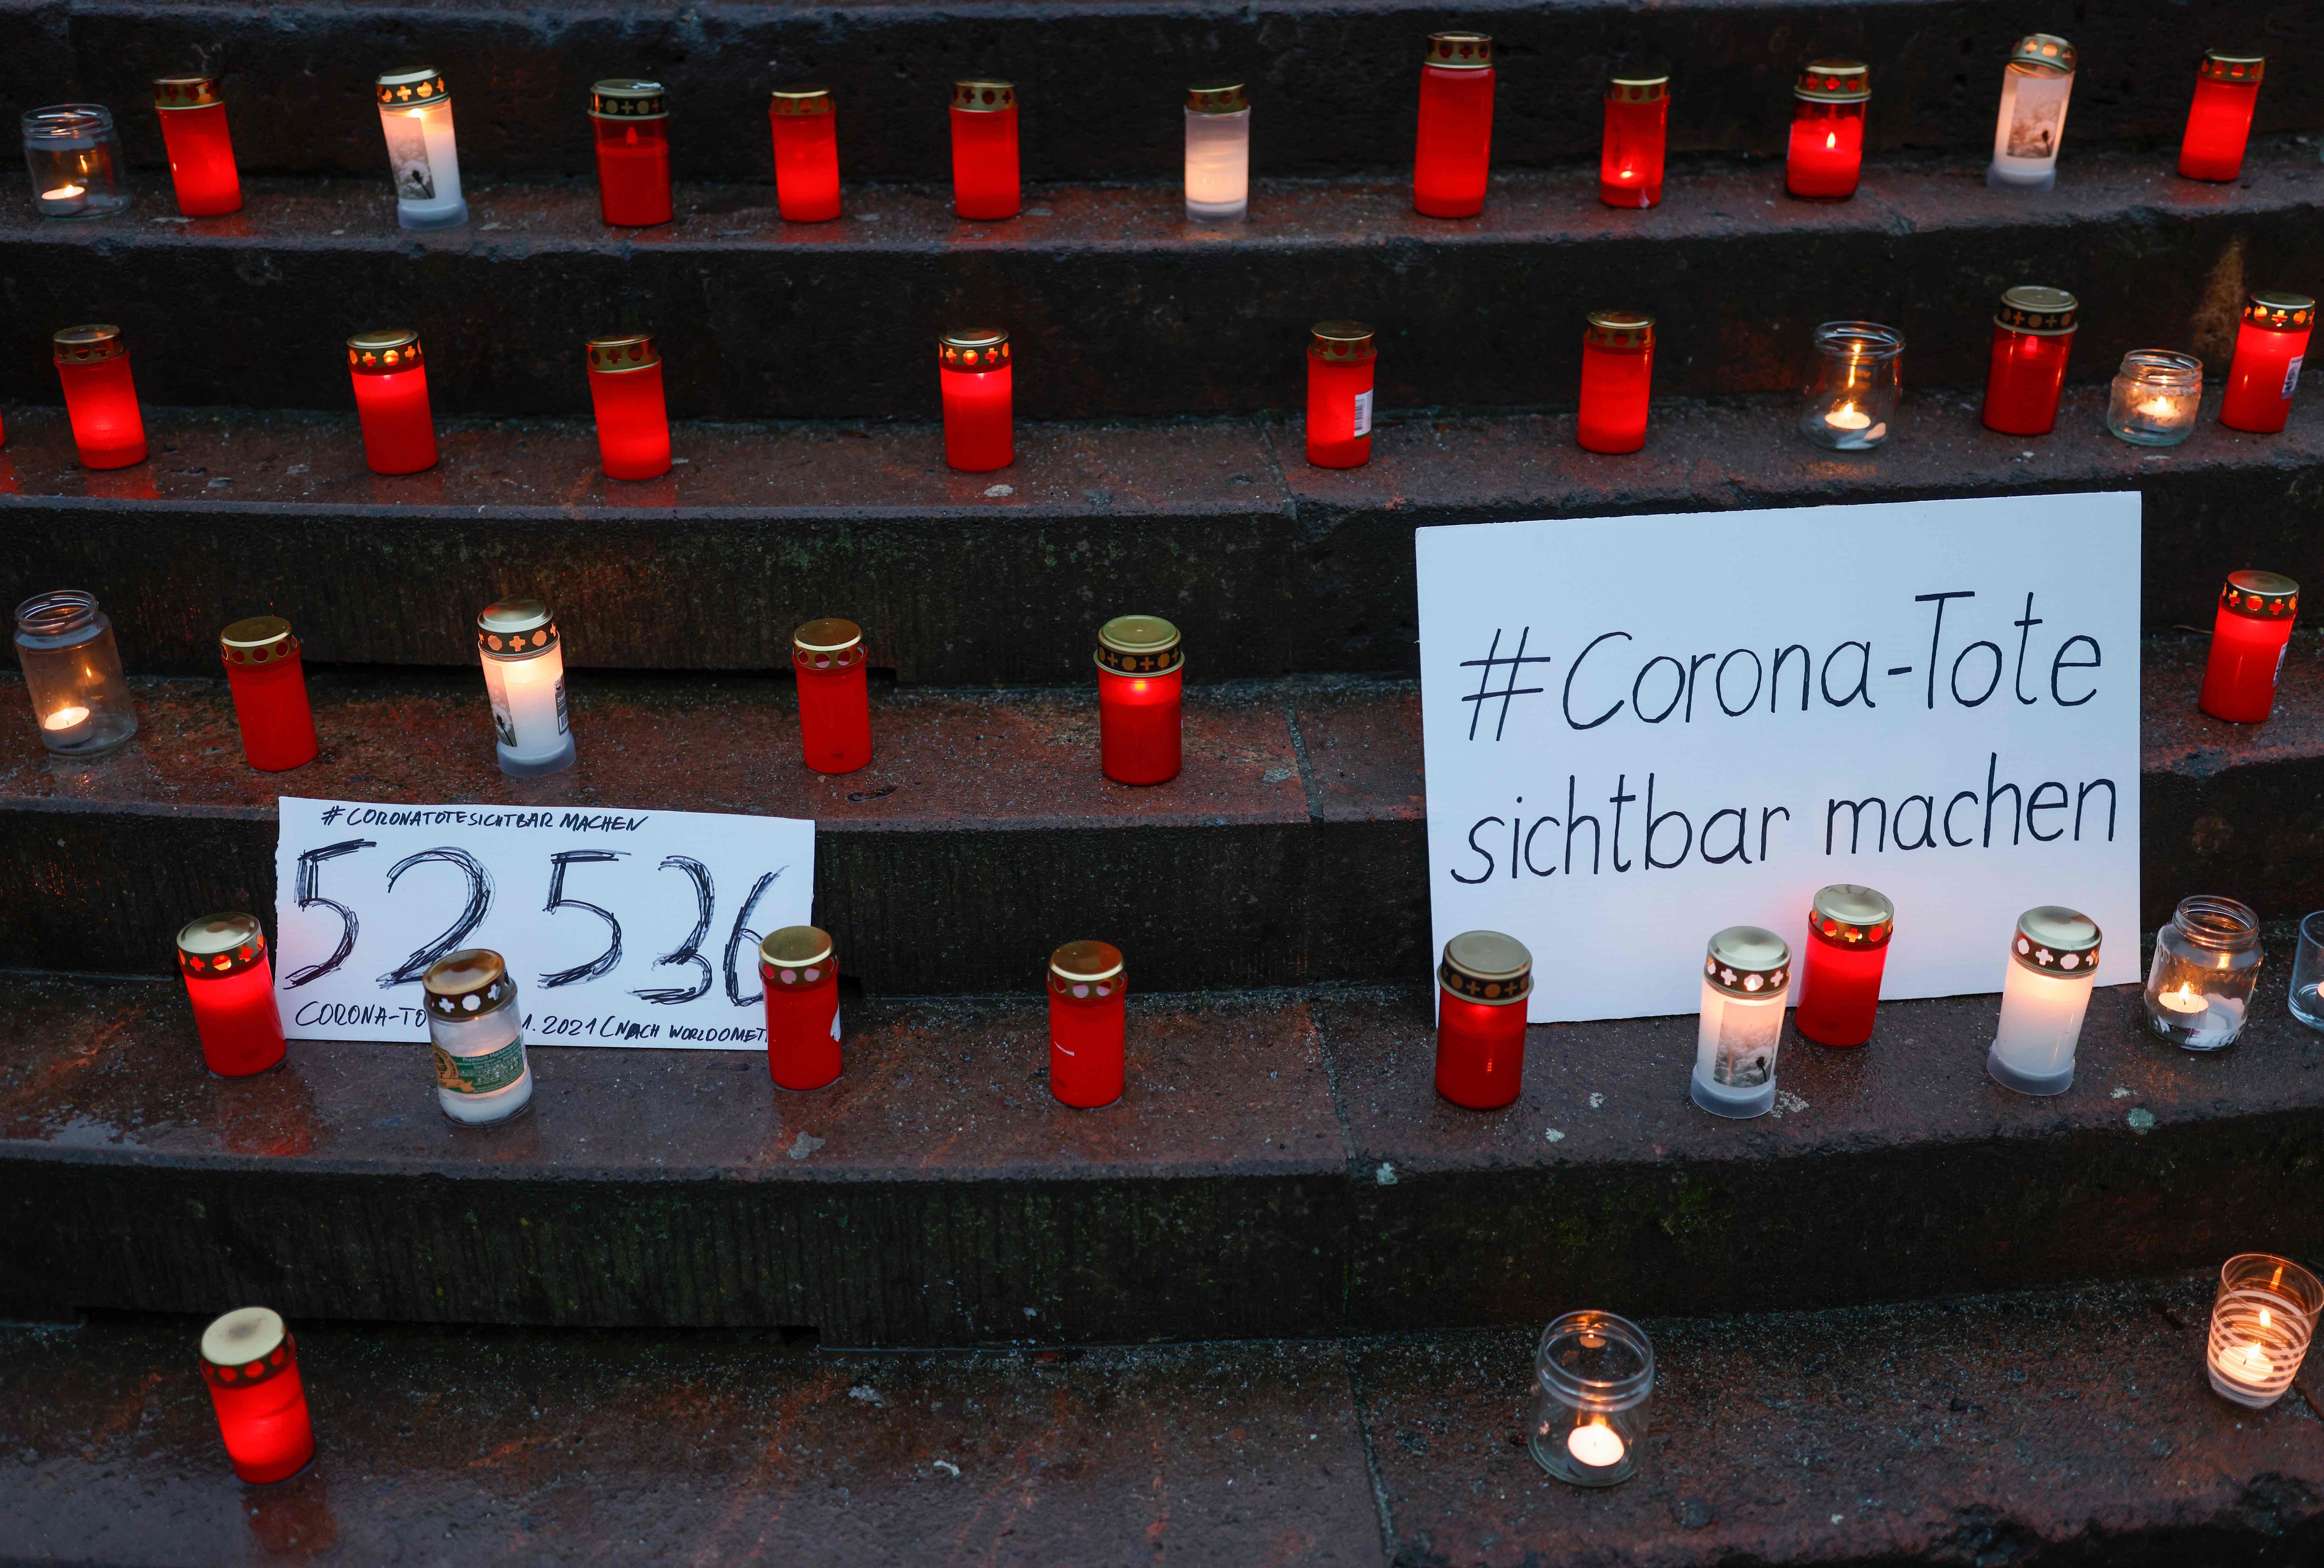 شمع به احترام مرحوم کوید در برلین